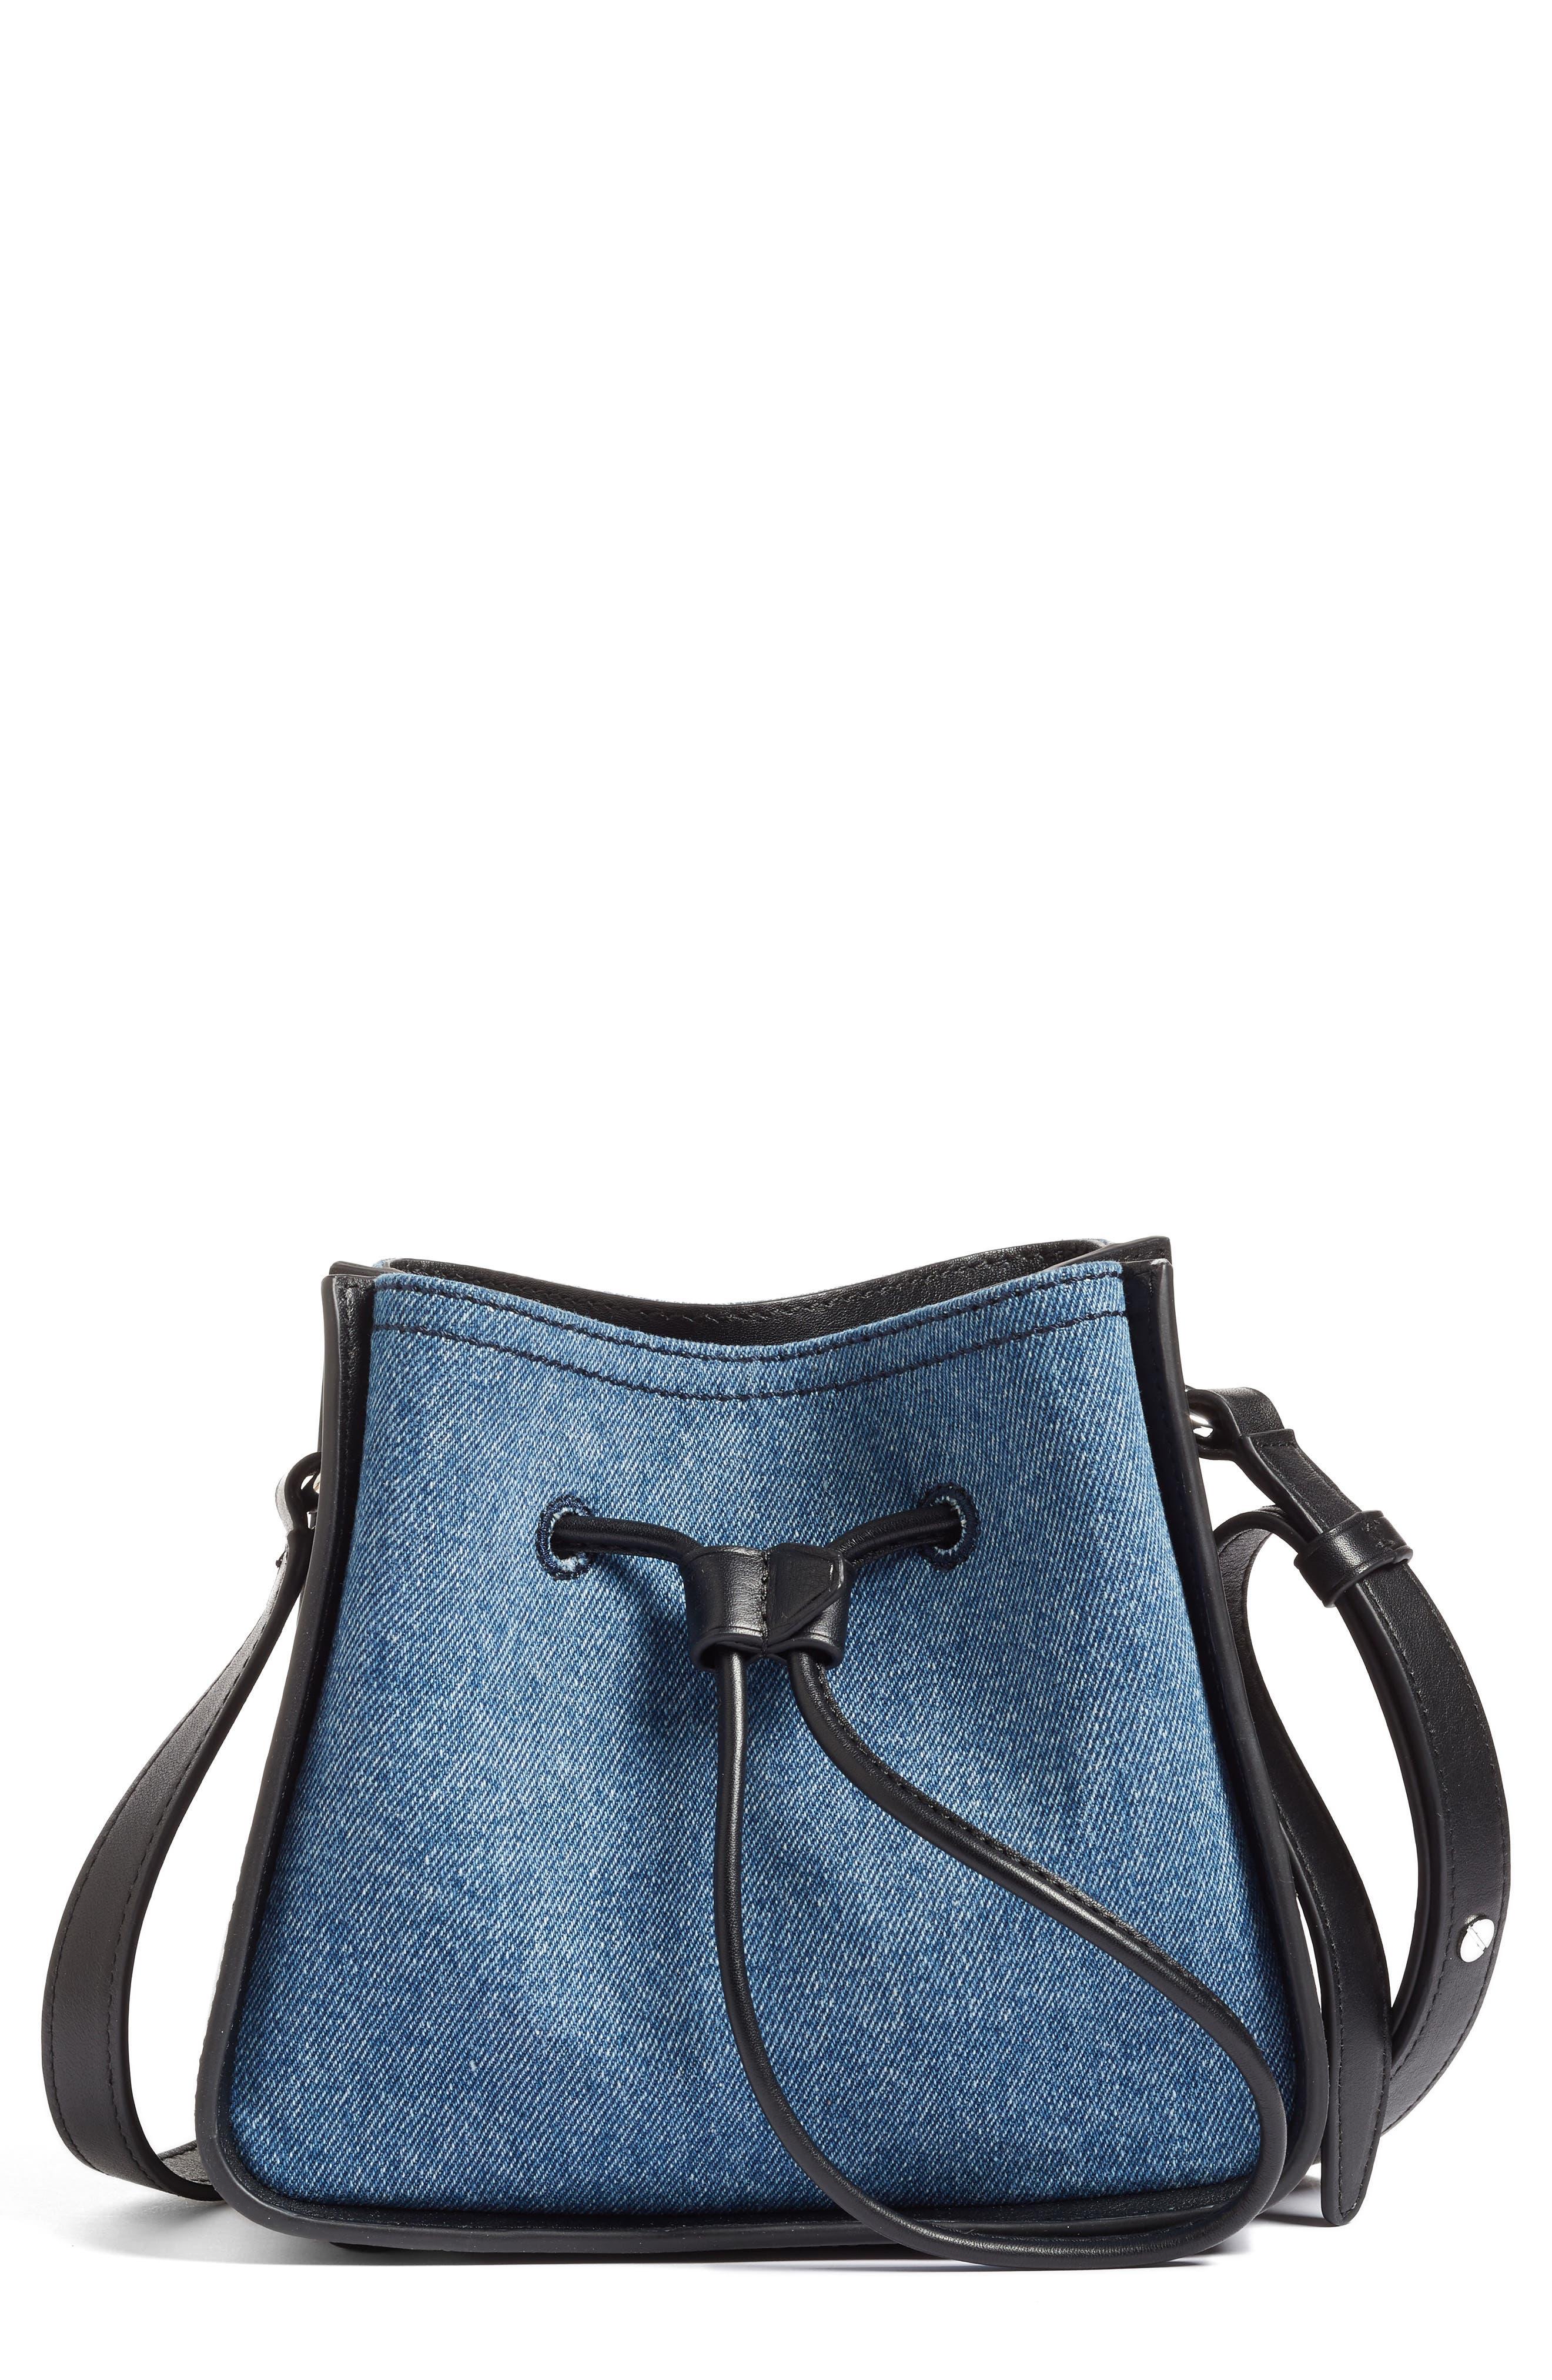 3.1 Phillip Lim Mini Soleil Denim & Leather Bucket Bag